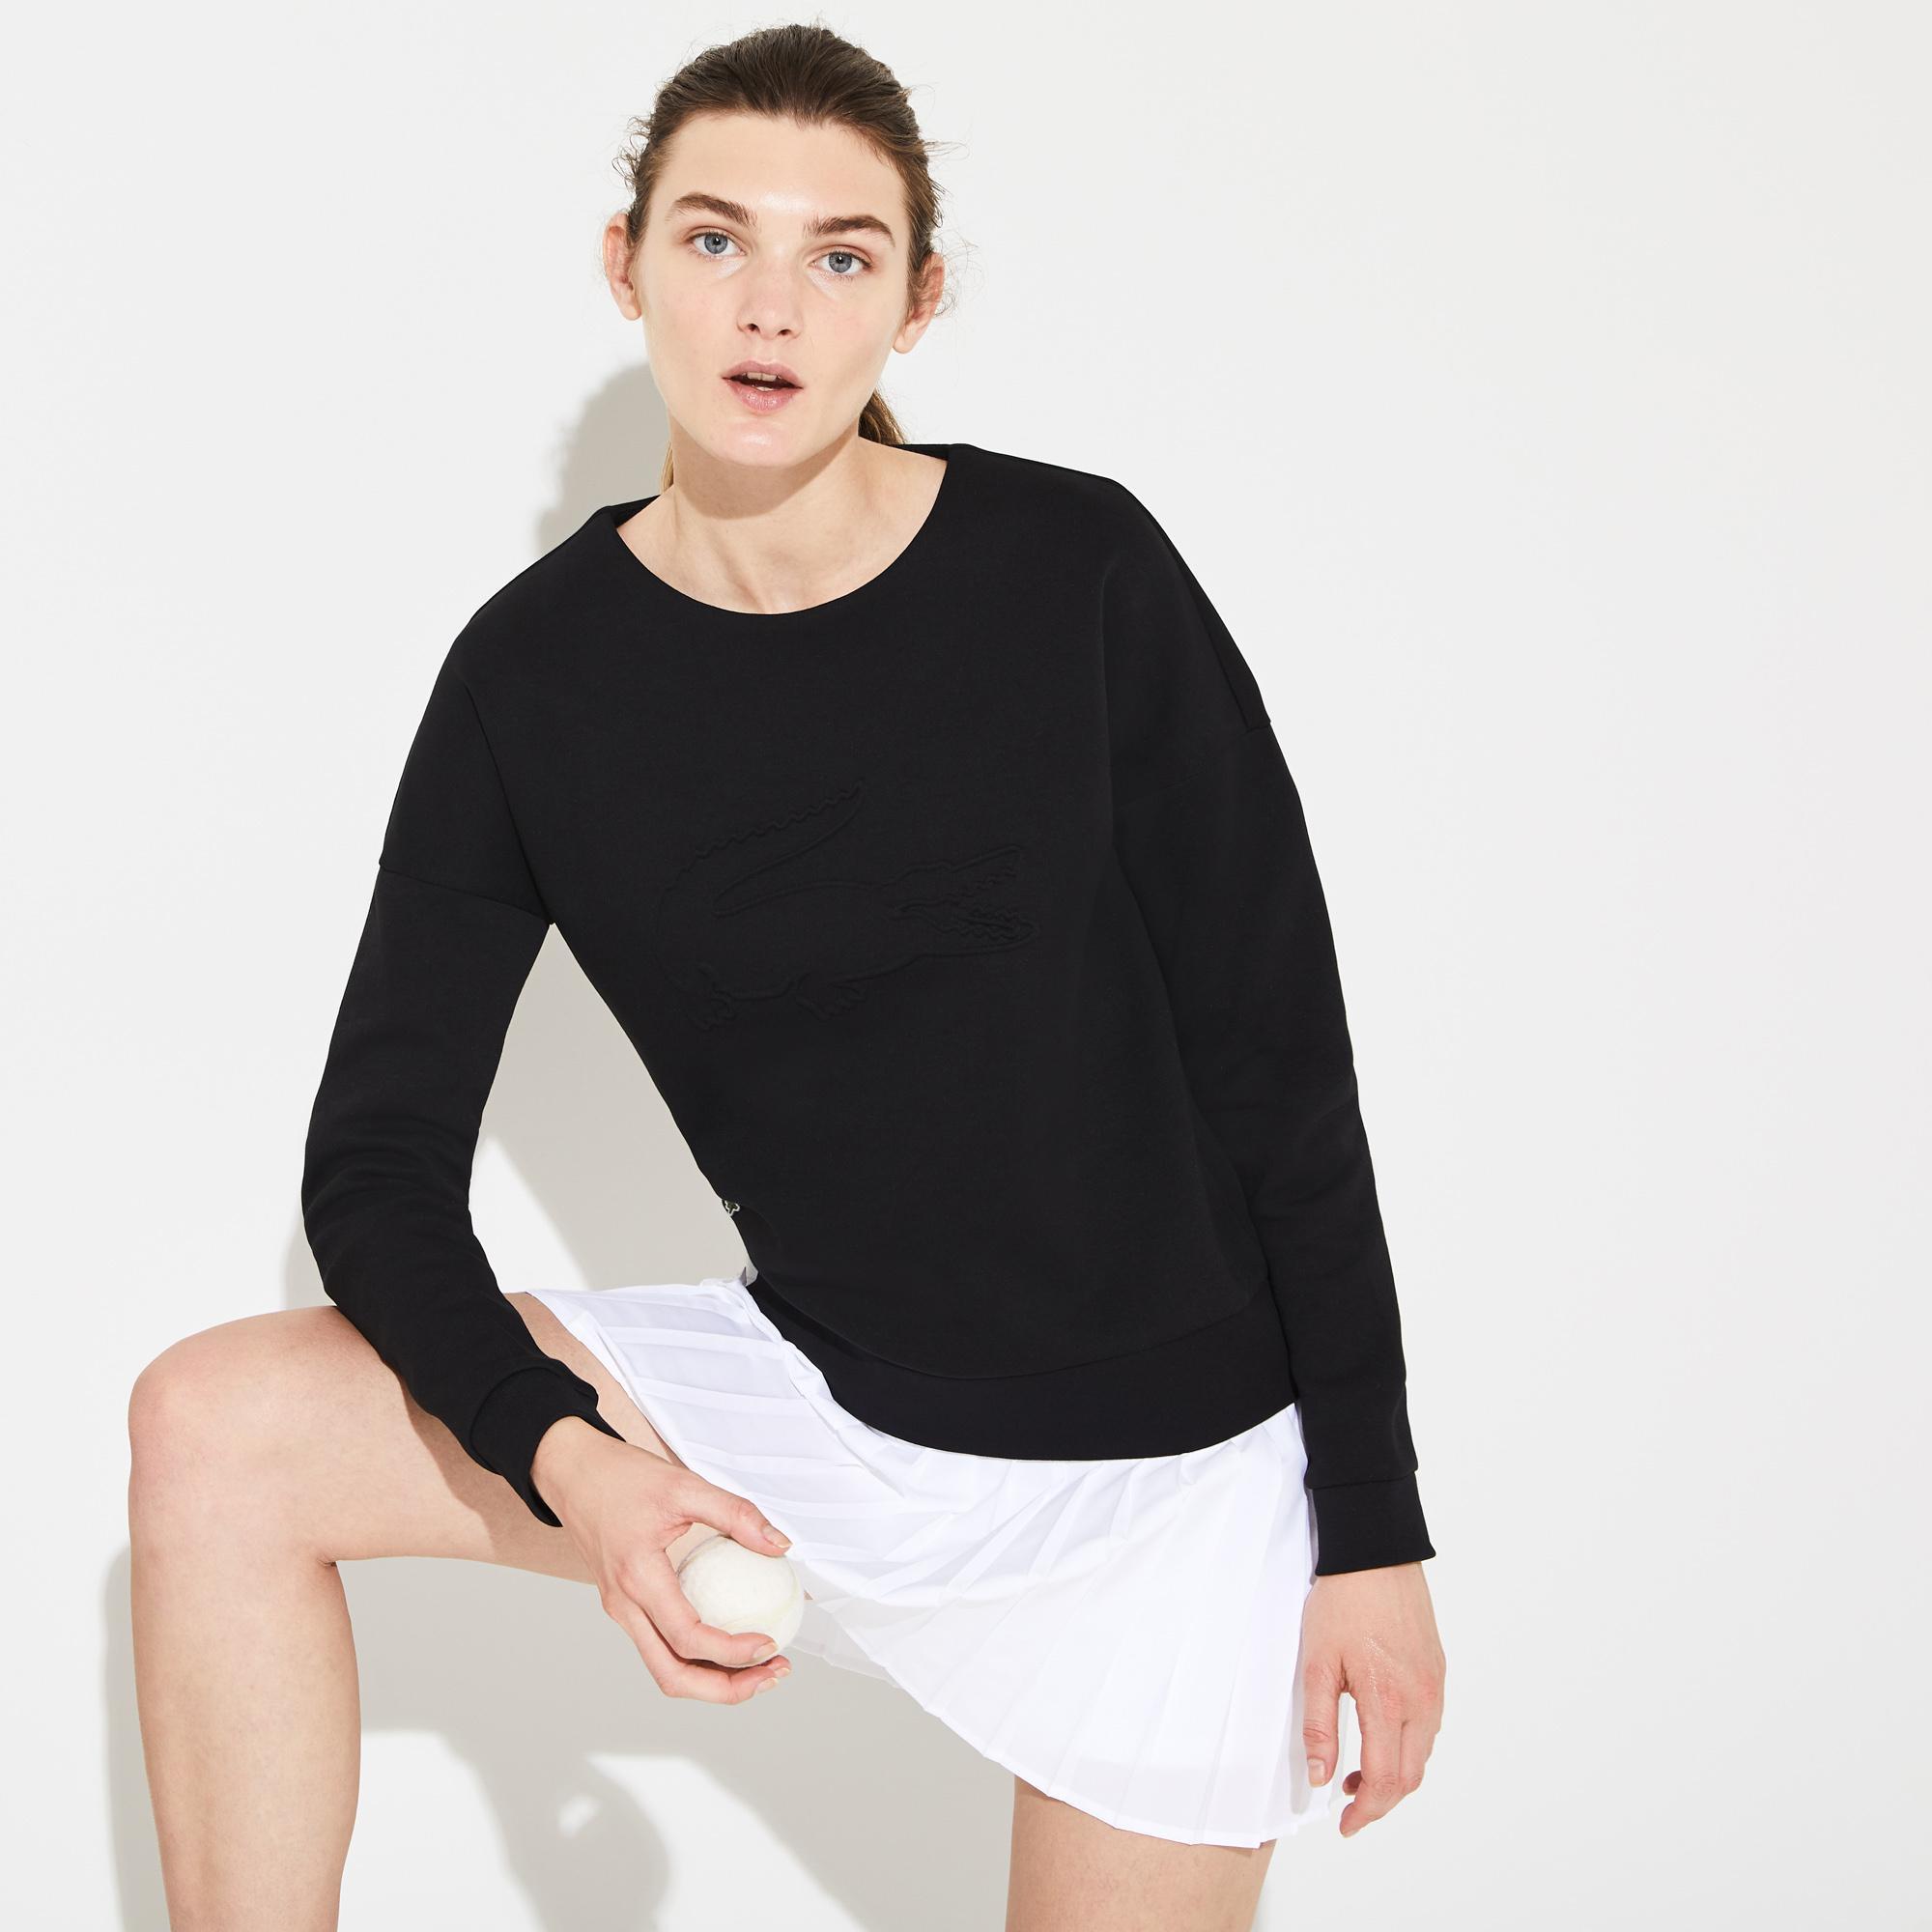 Lacoste Sport Kadın Baskılı Bisiklet Yaka Siyah Sweatshirt